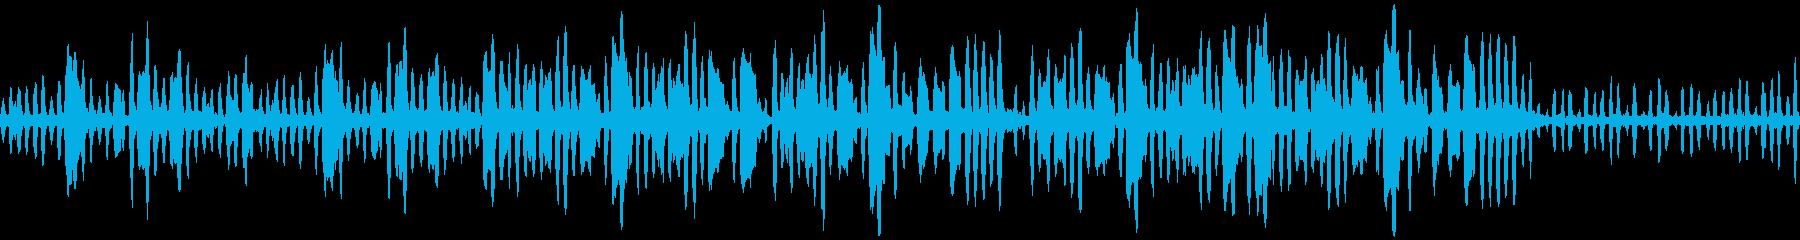 リコーダーの元気で可愛い曲1_ループの再生済みの波形